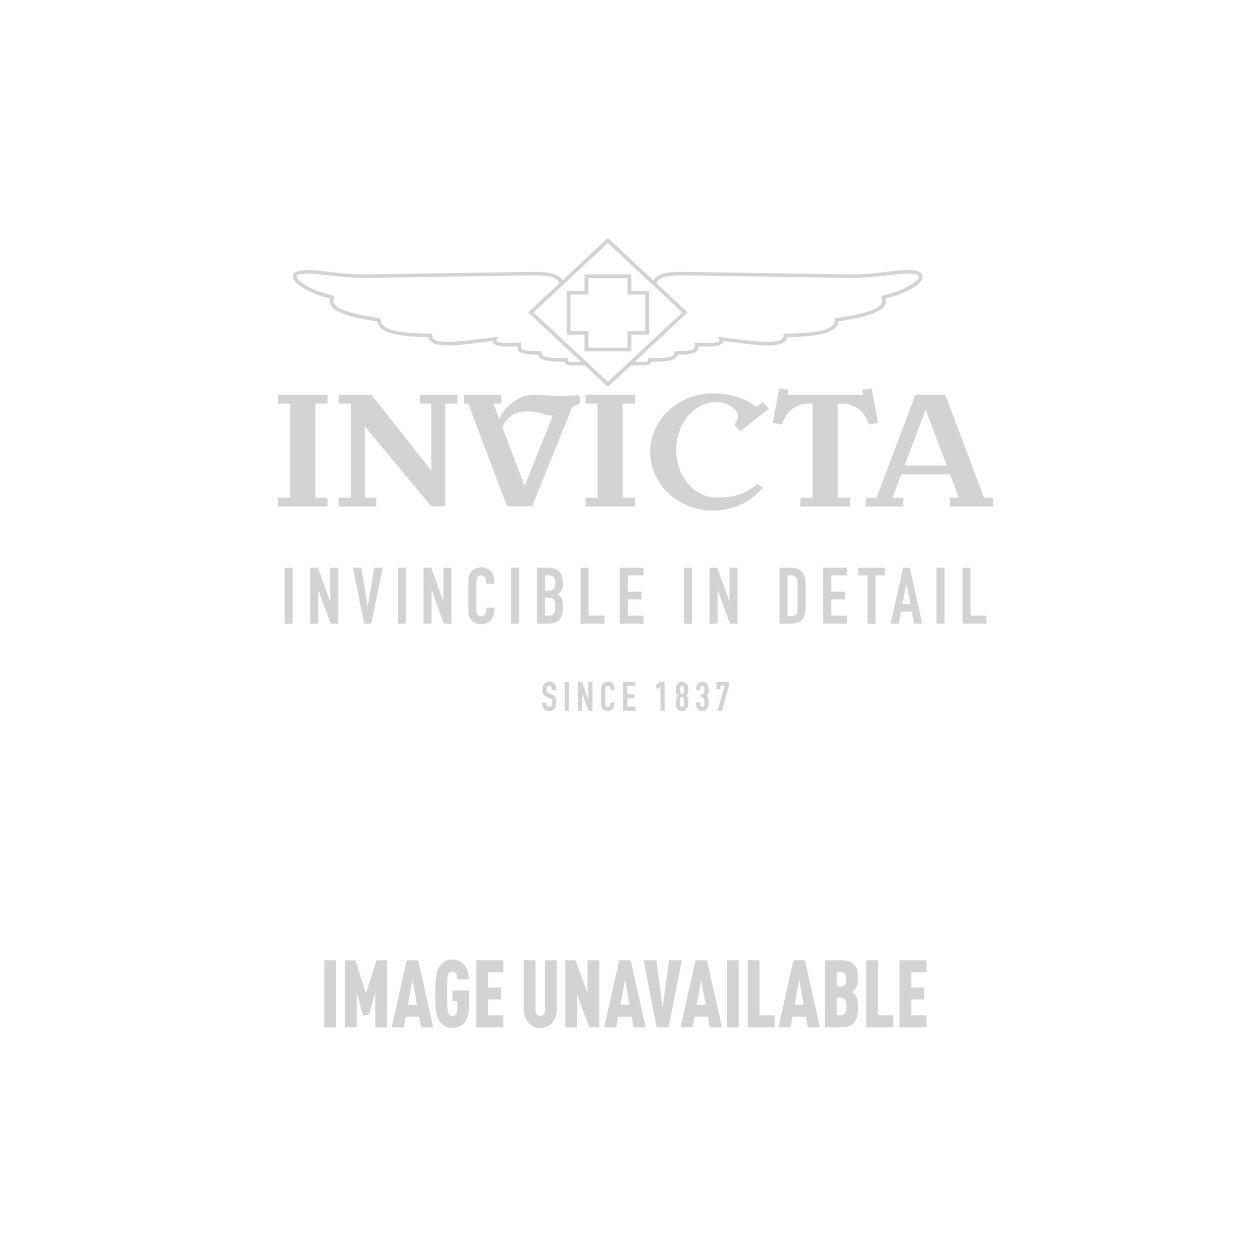 Invicta Model 28899